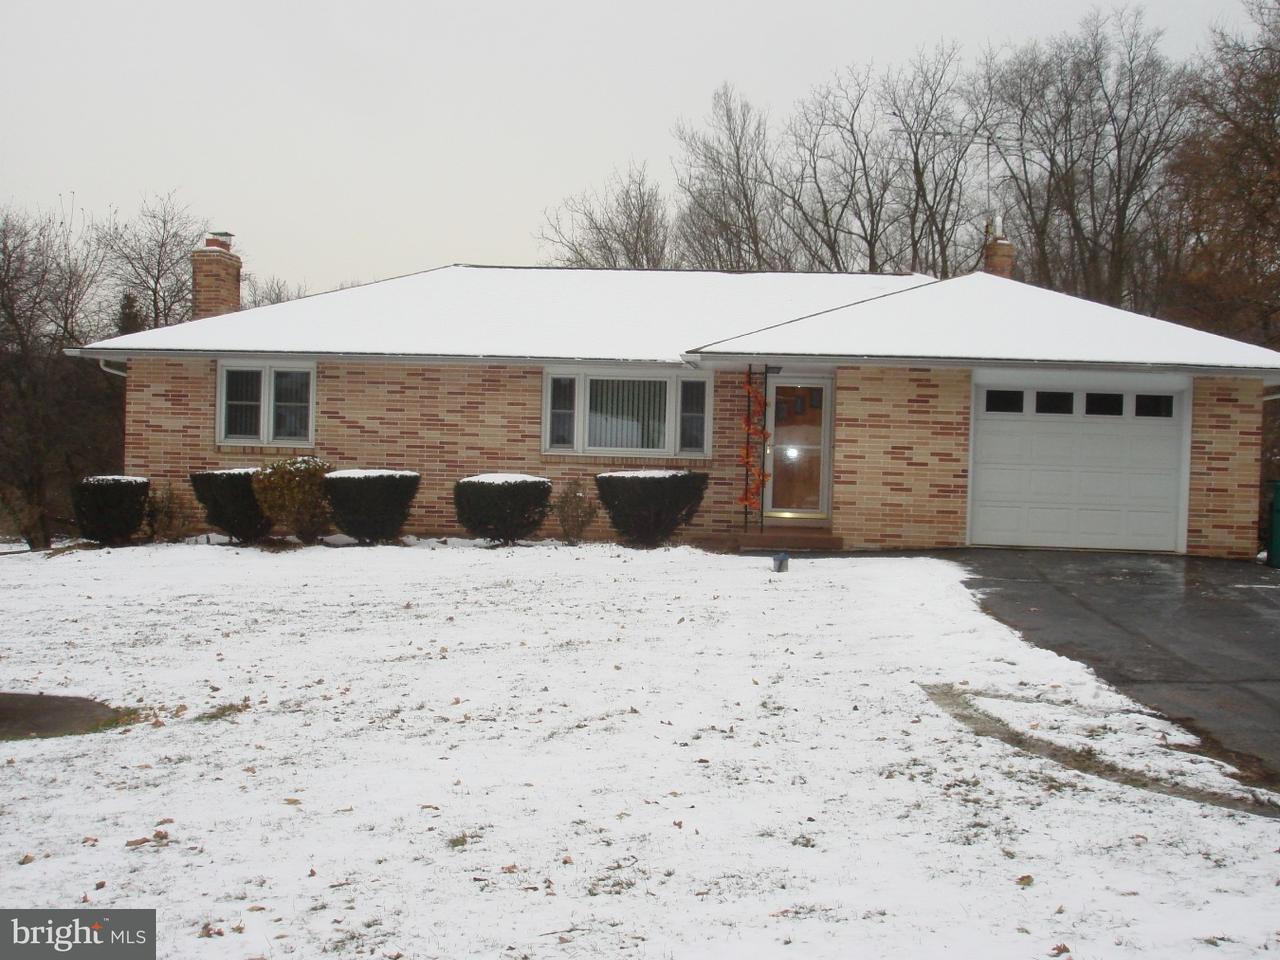 Частный односемейный дом для того Аренда на 2722 OLD BETHLEHEM PIKE Sellersville, Пенсильвания 18960 Соединенные Штаты